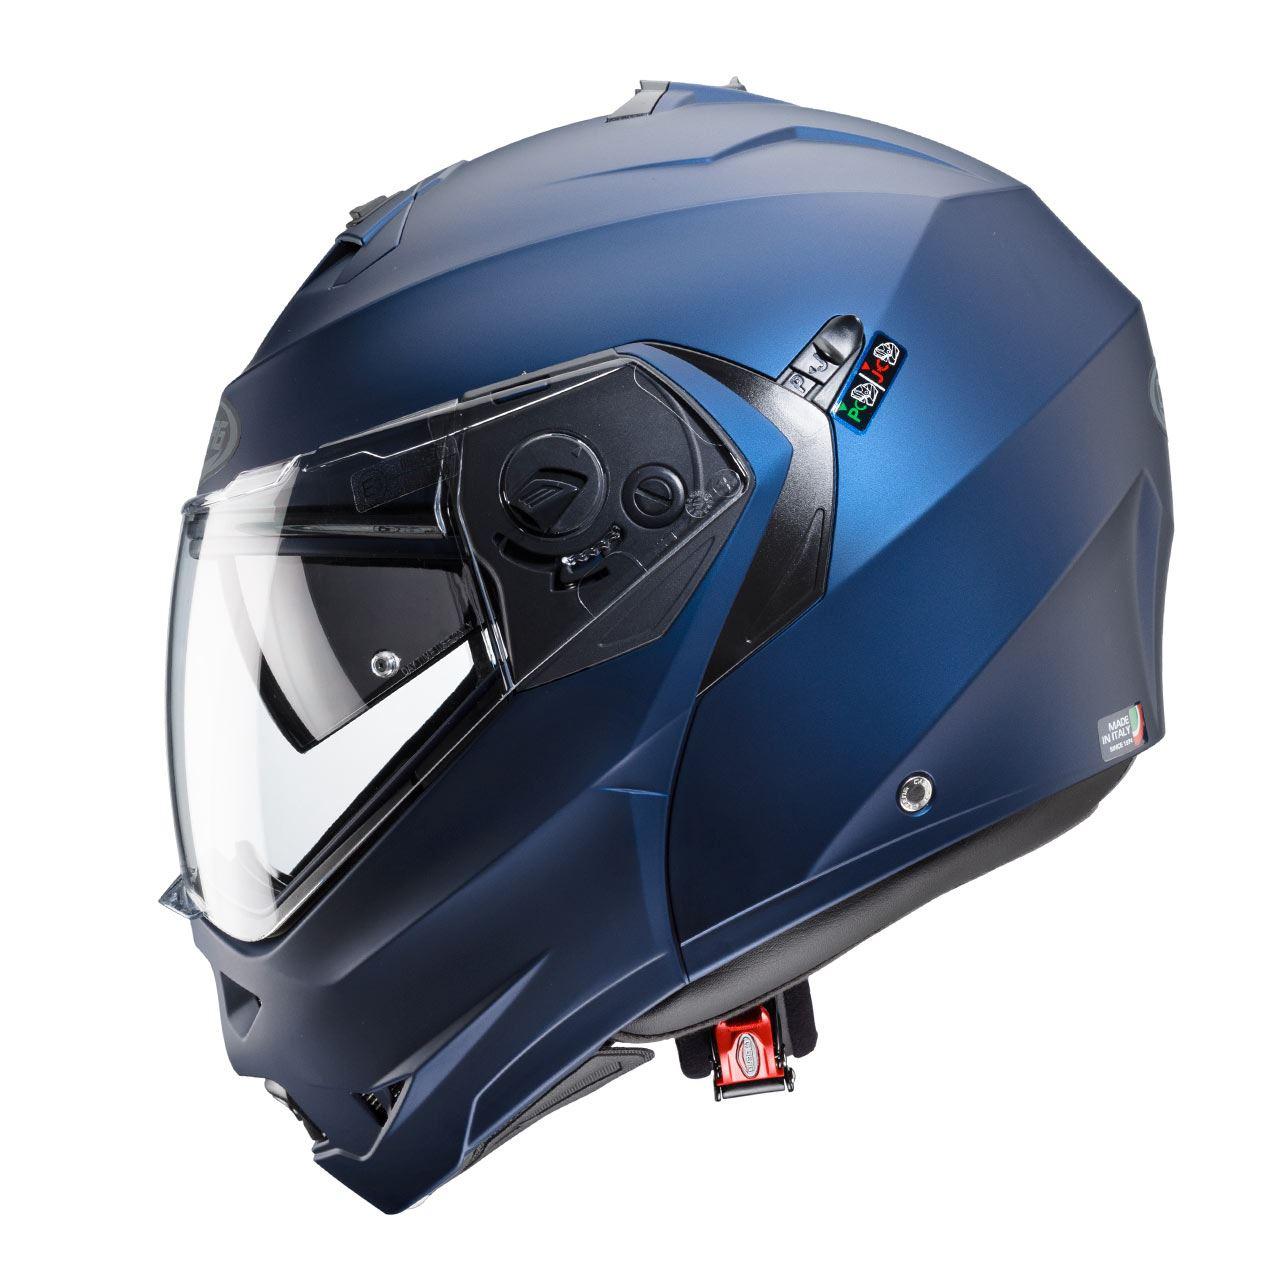 Caberg-Duke-II-Flip-Front-Motorcycle-Helmet-Modular-Bike-Sun-Visor-amp-Pinlock thumbnail 19